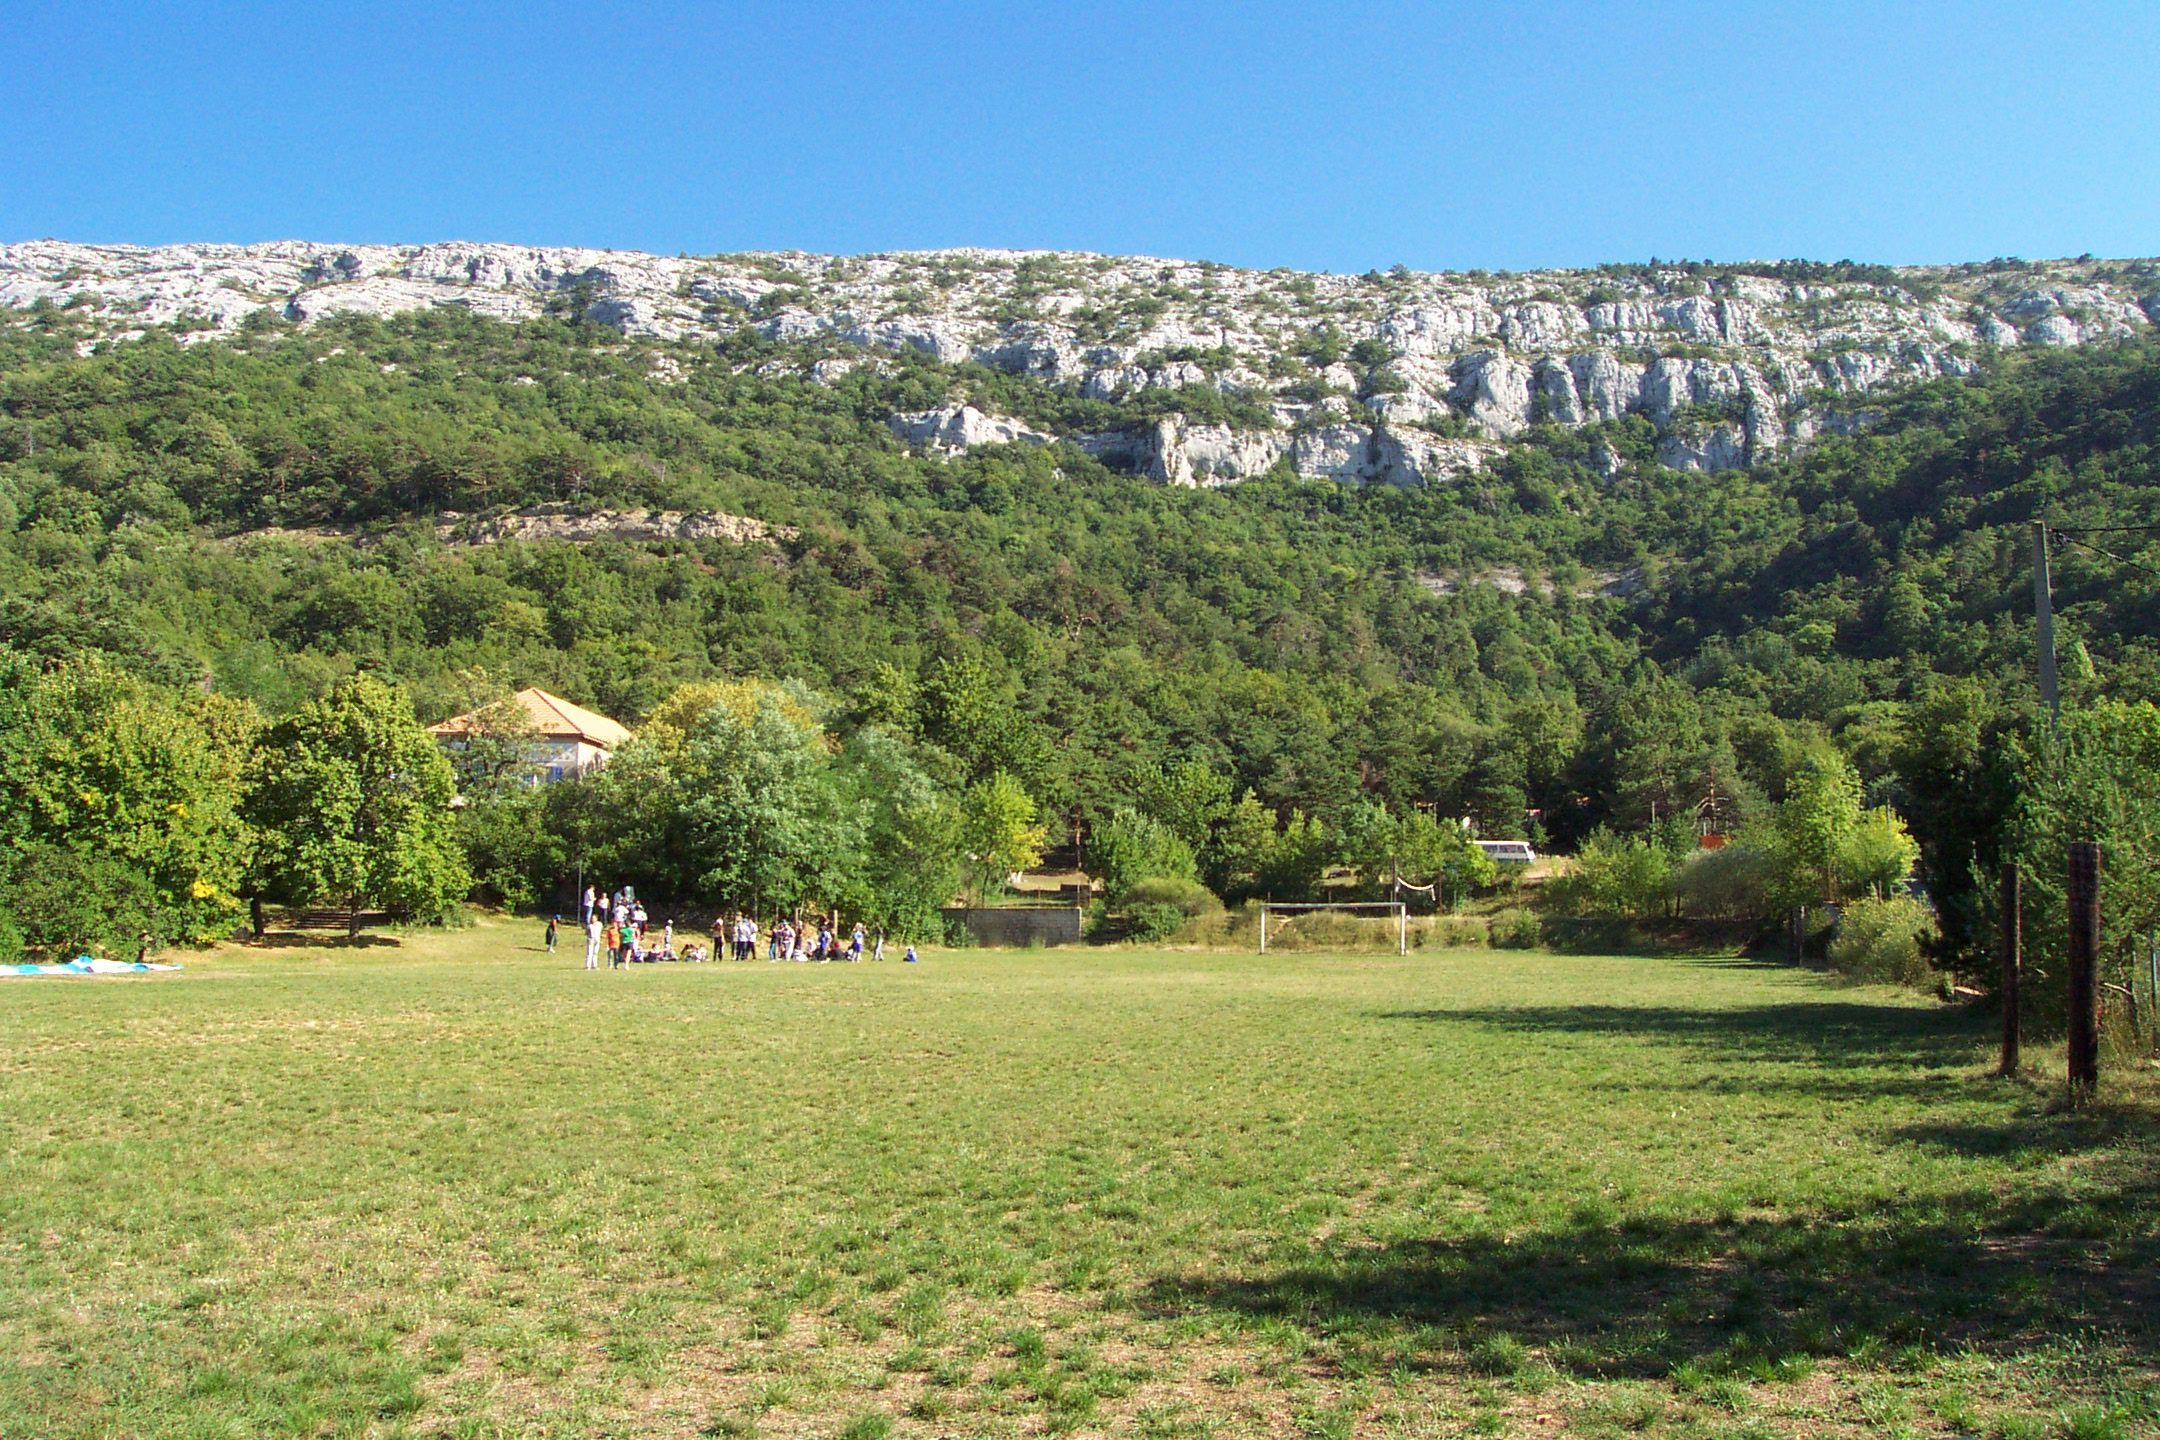 Saint Baume terrain foot avec petit groupe